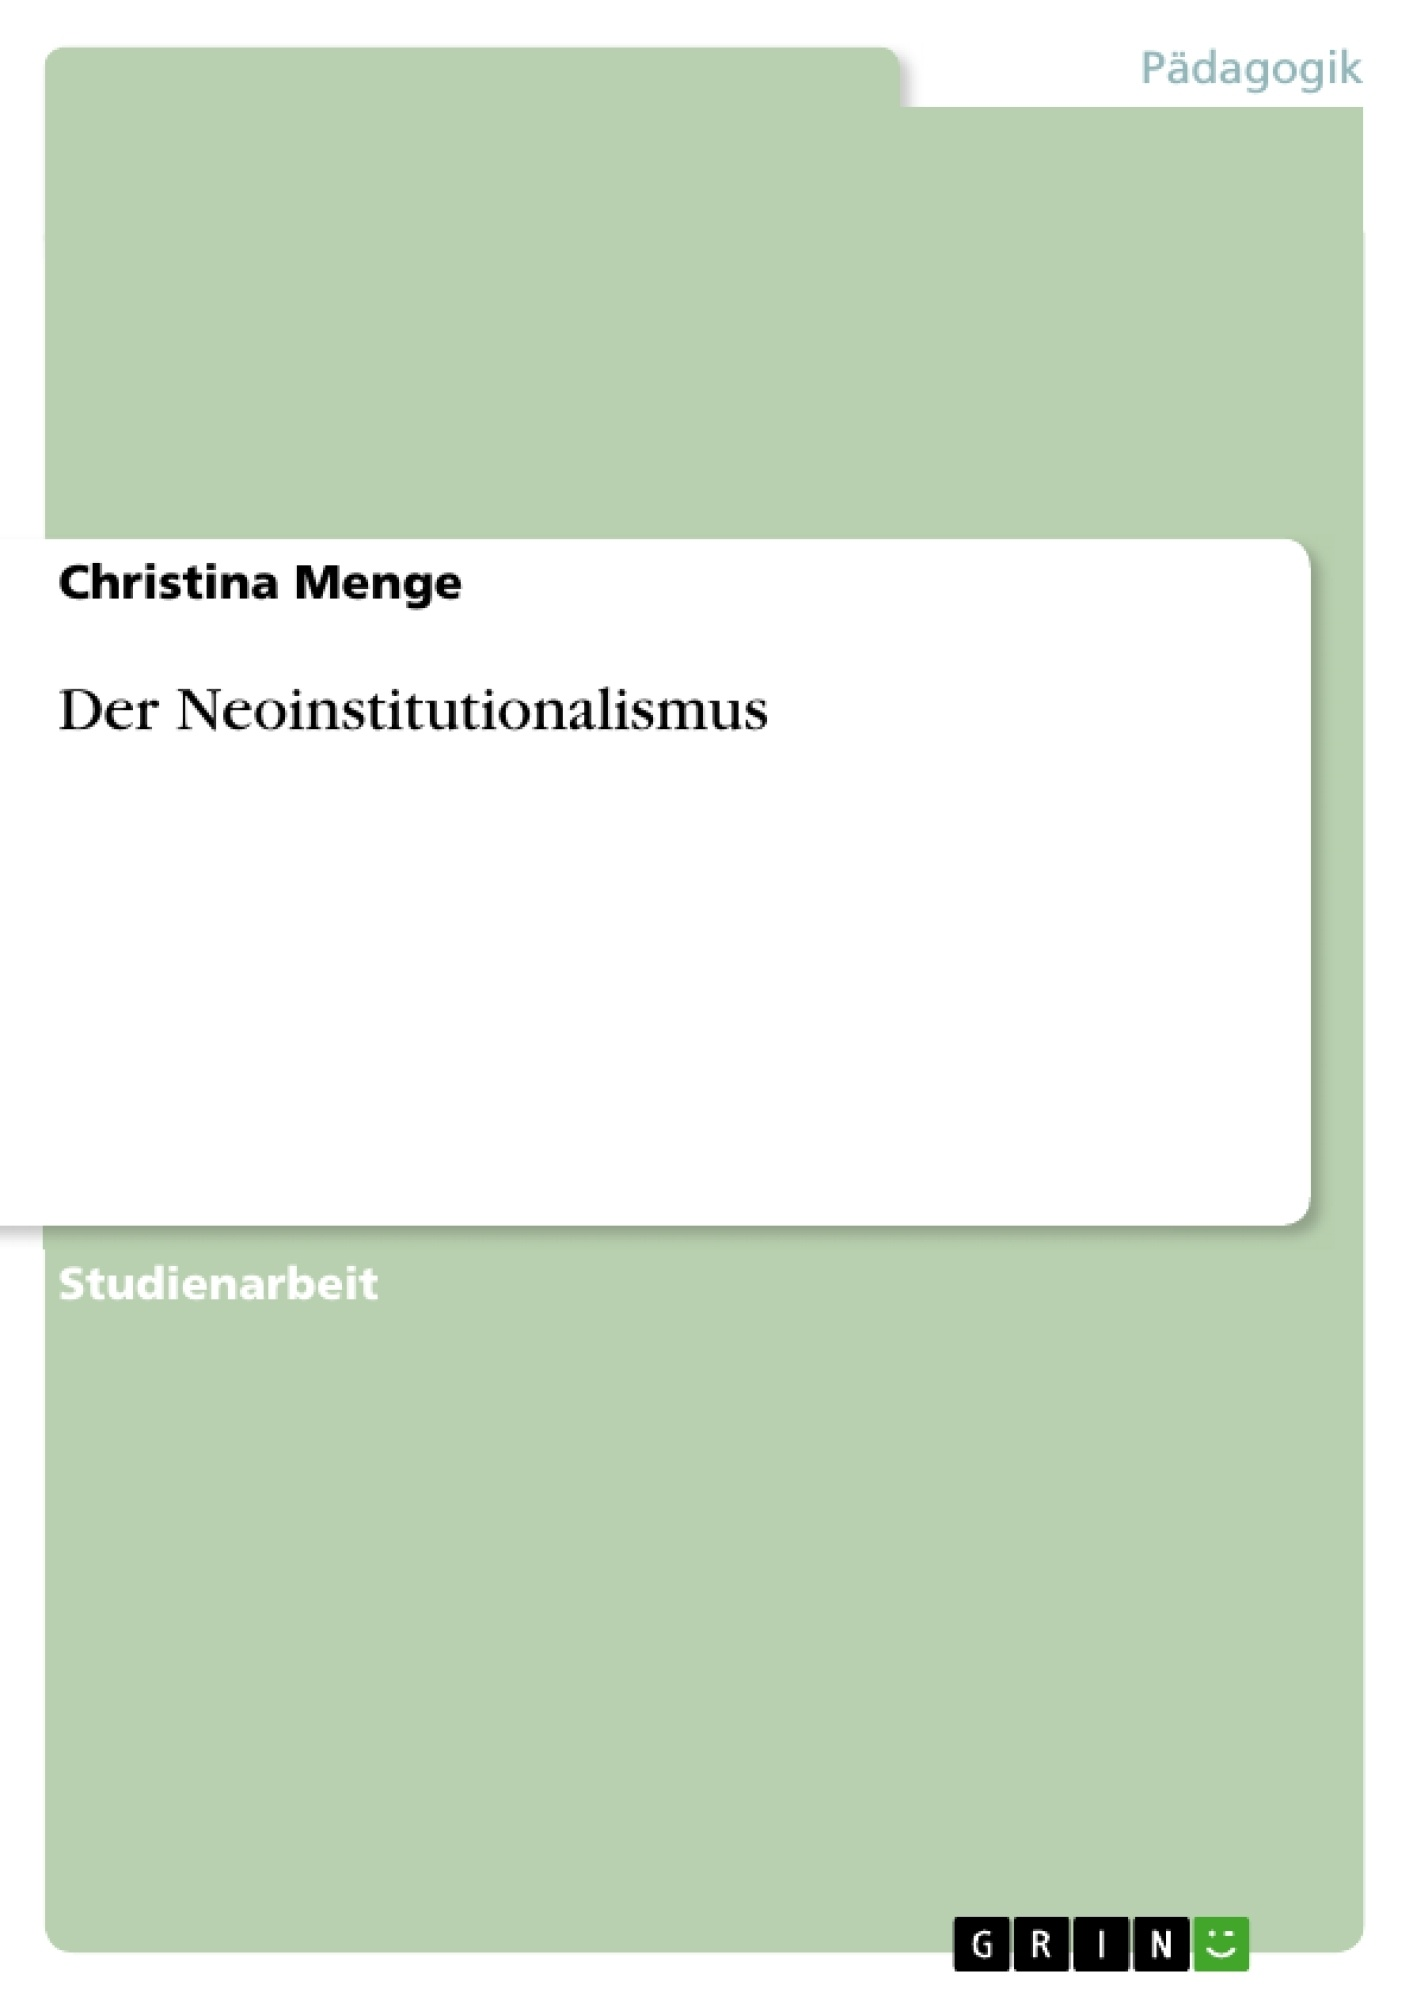 Titel: Der Neoinstitutionalismus